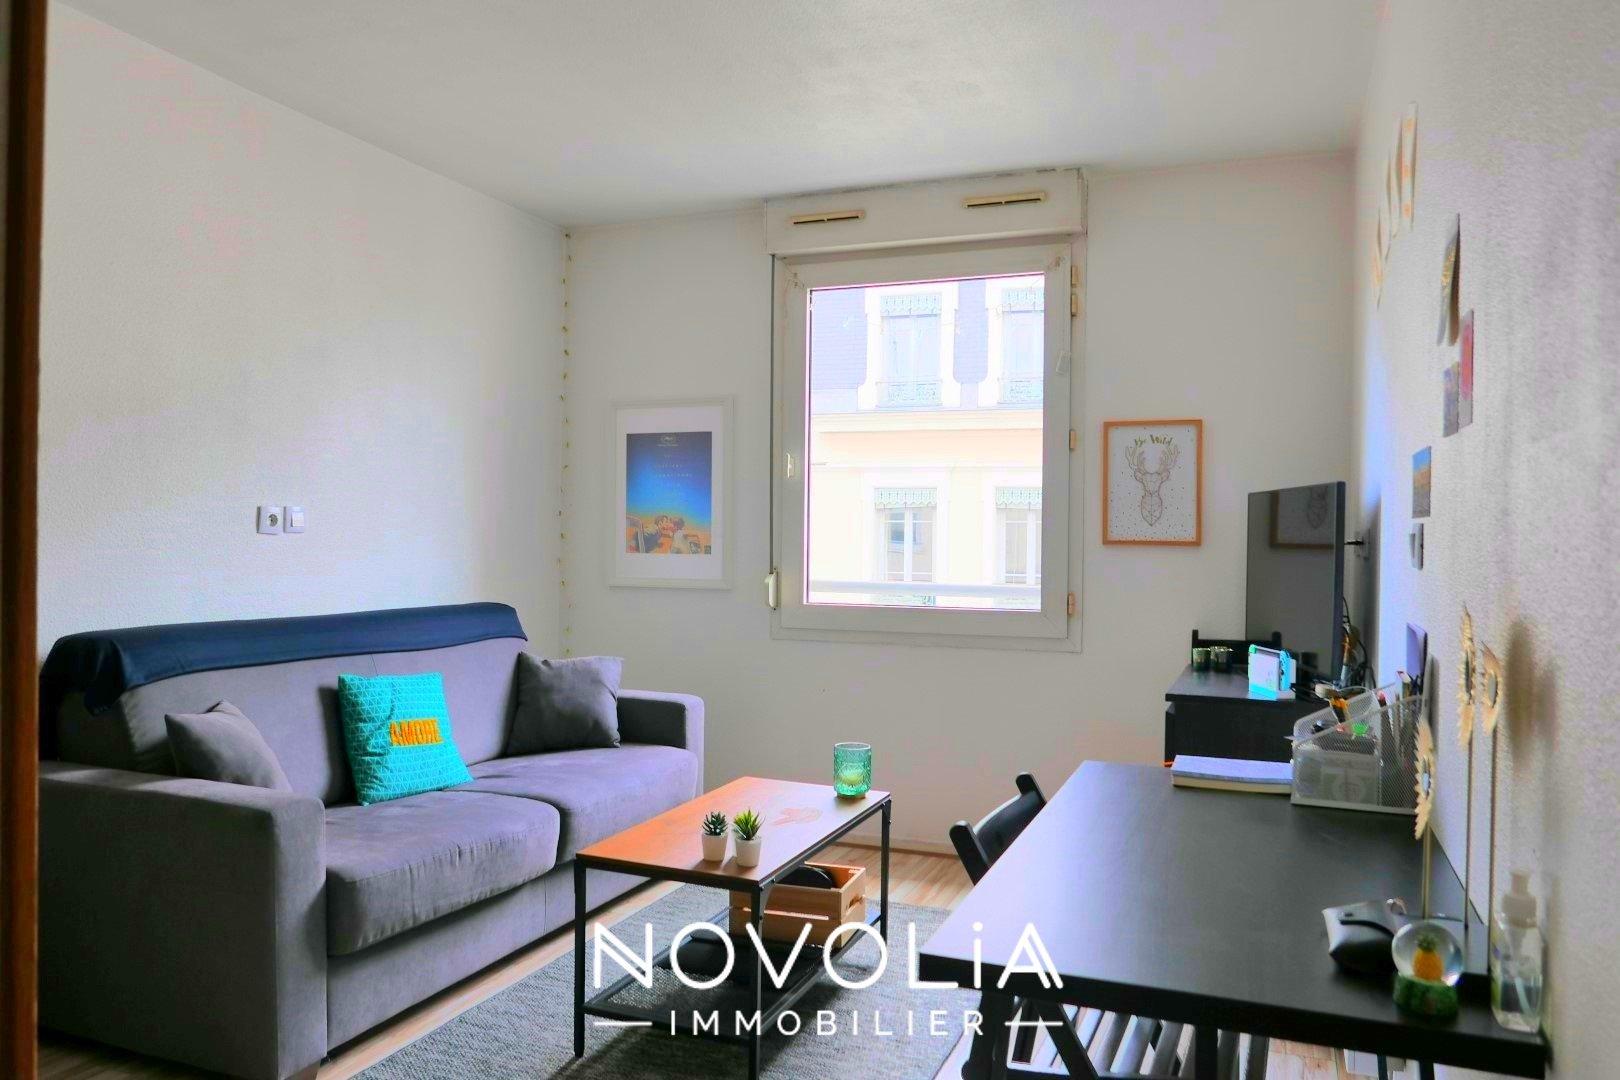 Achat Appartement Surface de 18.26 m²/ Total carrez : 18 m², 1 pièce, Lyon 7ème (69007)